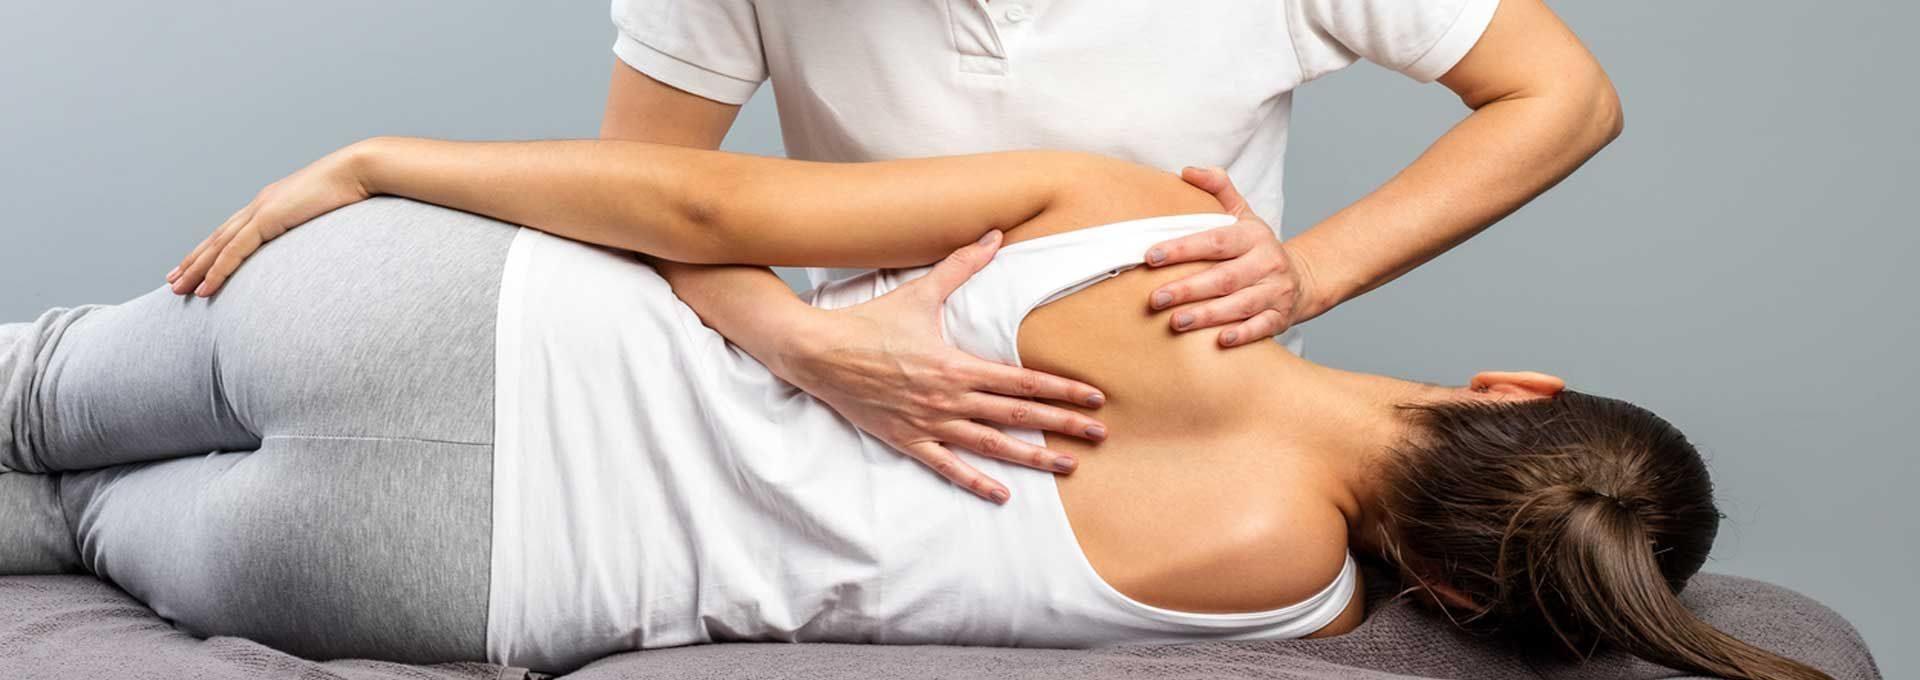 fisioterapia Biomedic Clinic & Research - RIABILITAZIONE